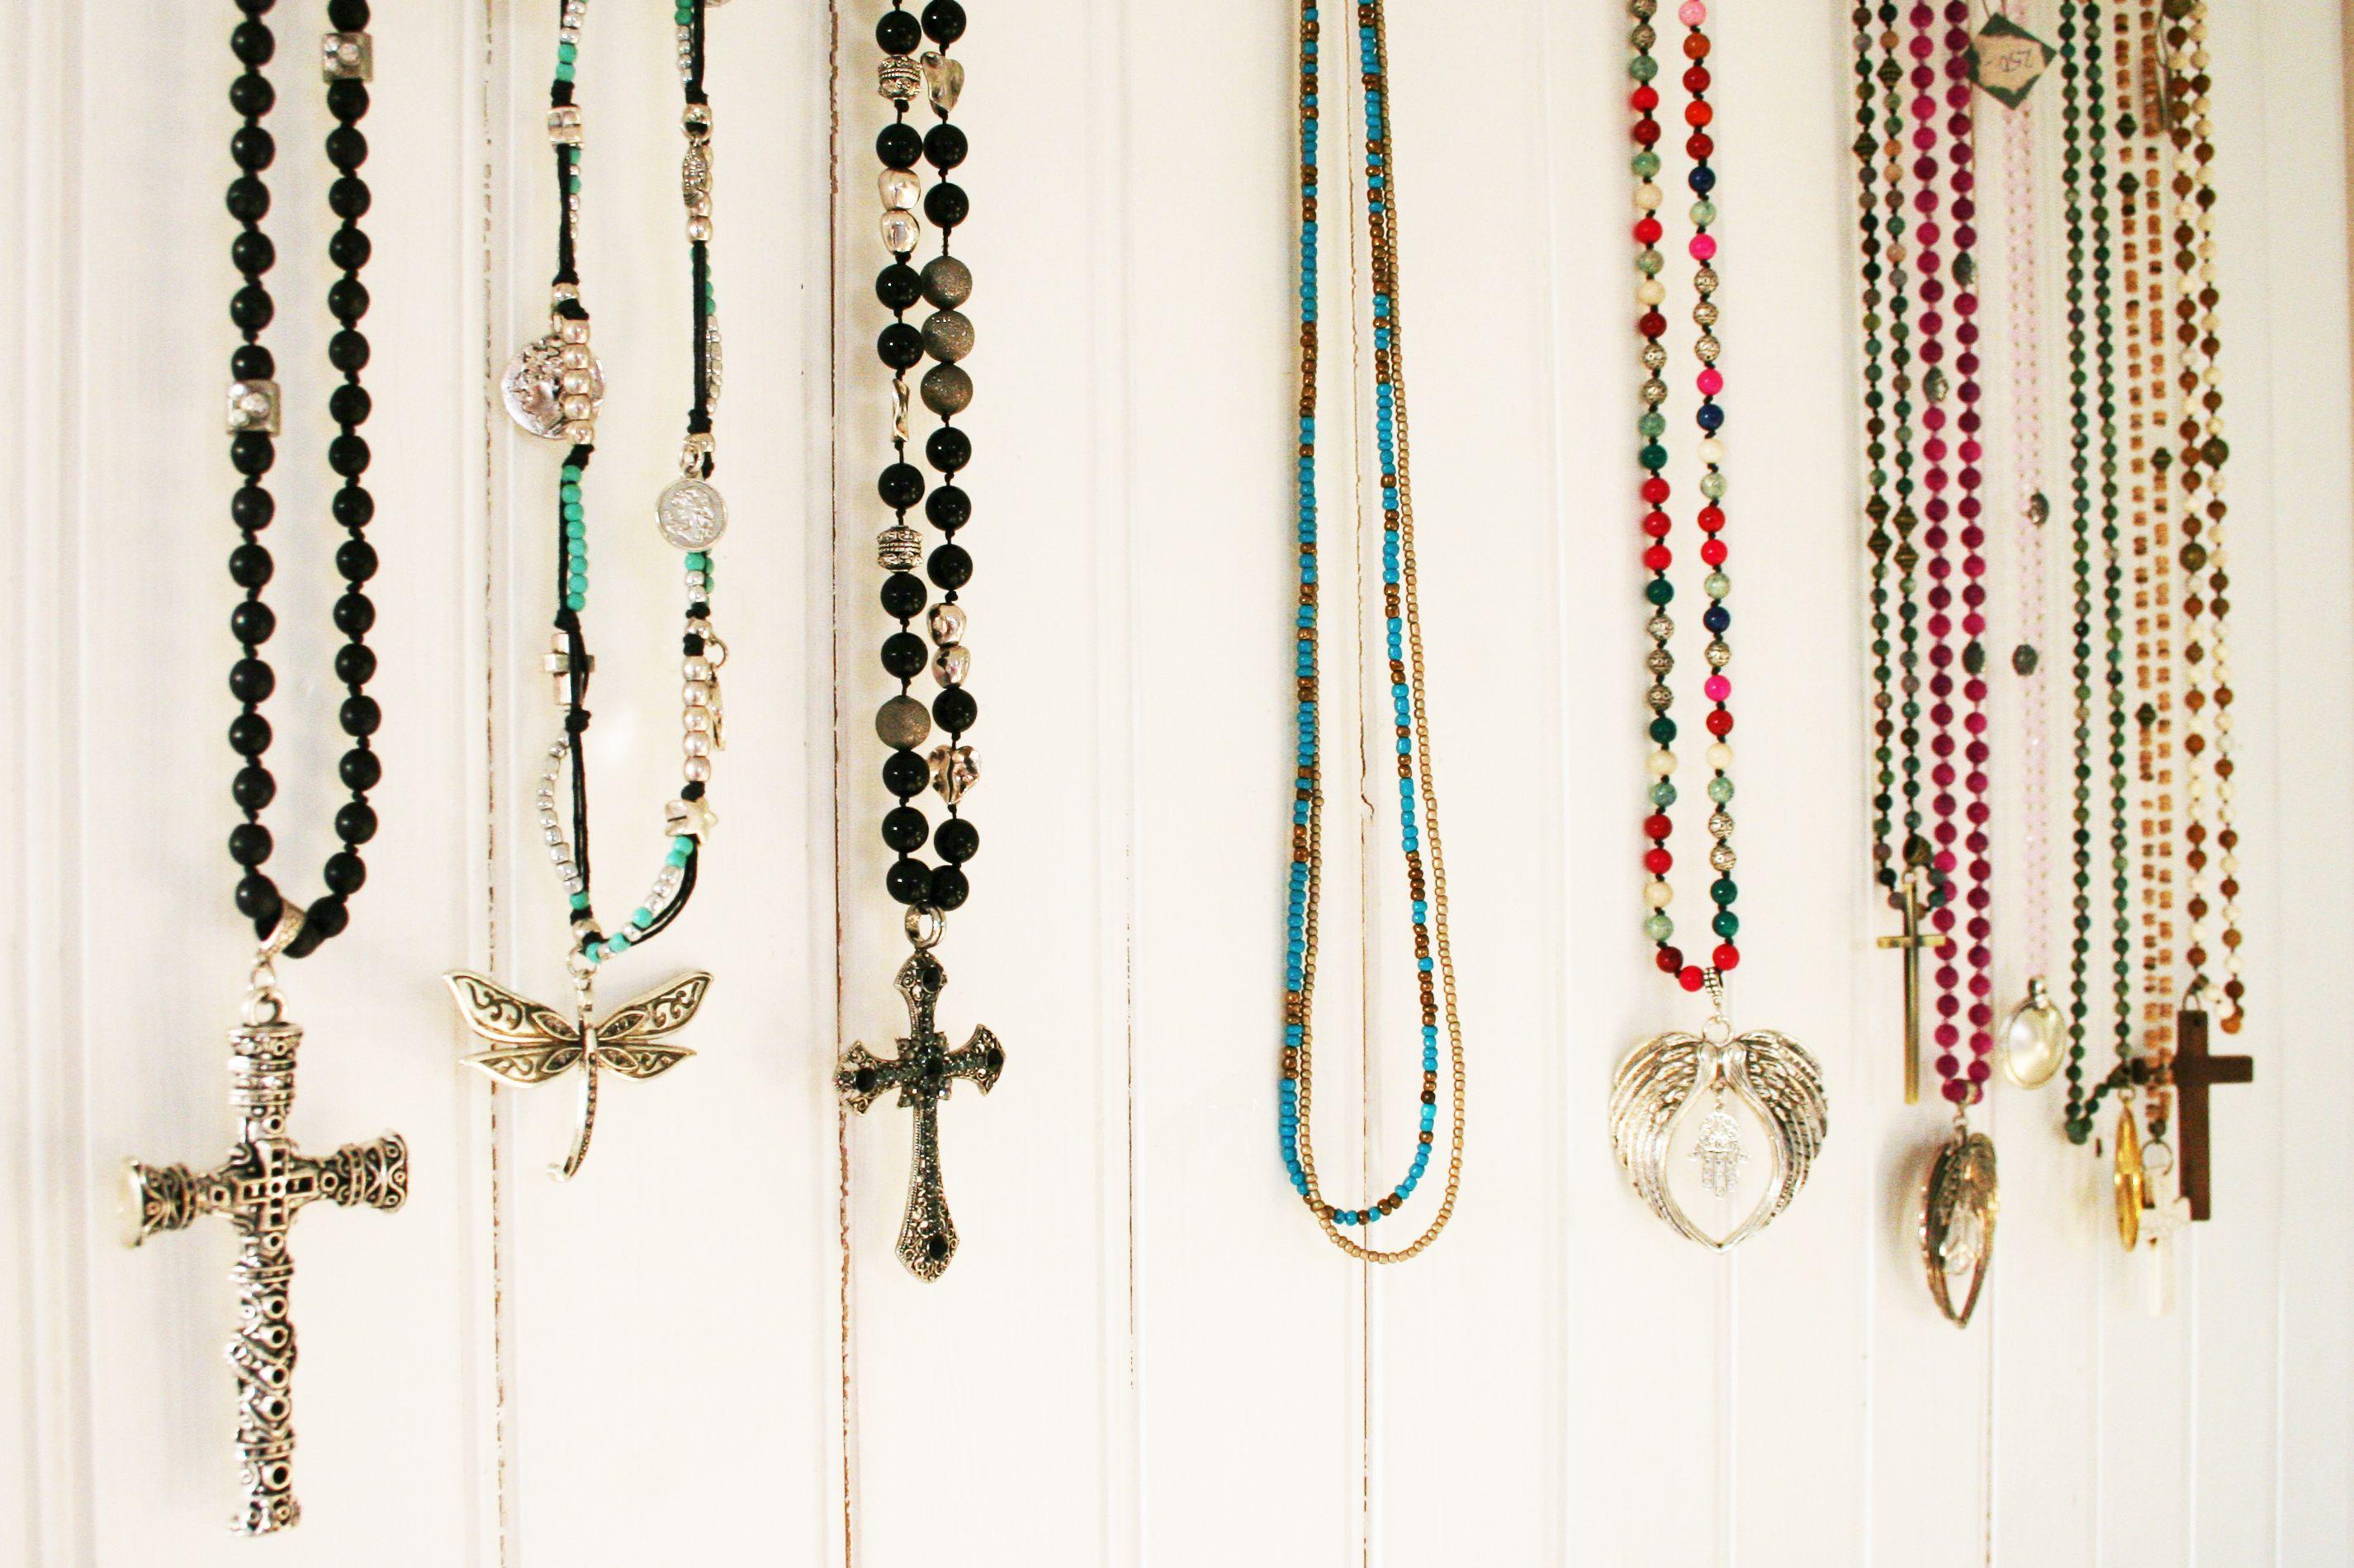 Halsband i läckra färger och former. Matcha, mixa som du vill.